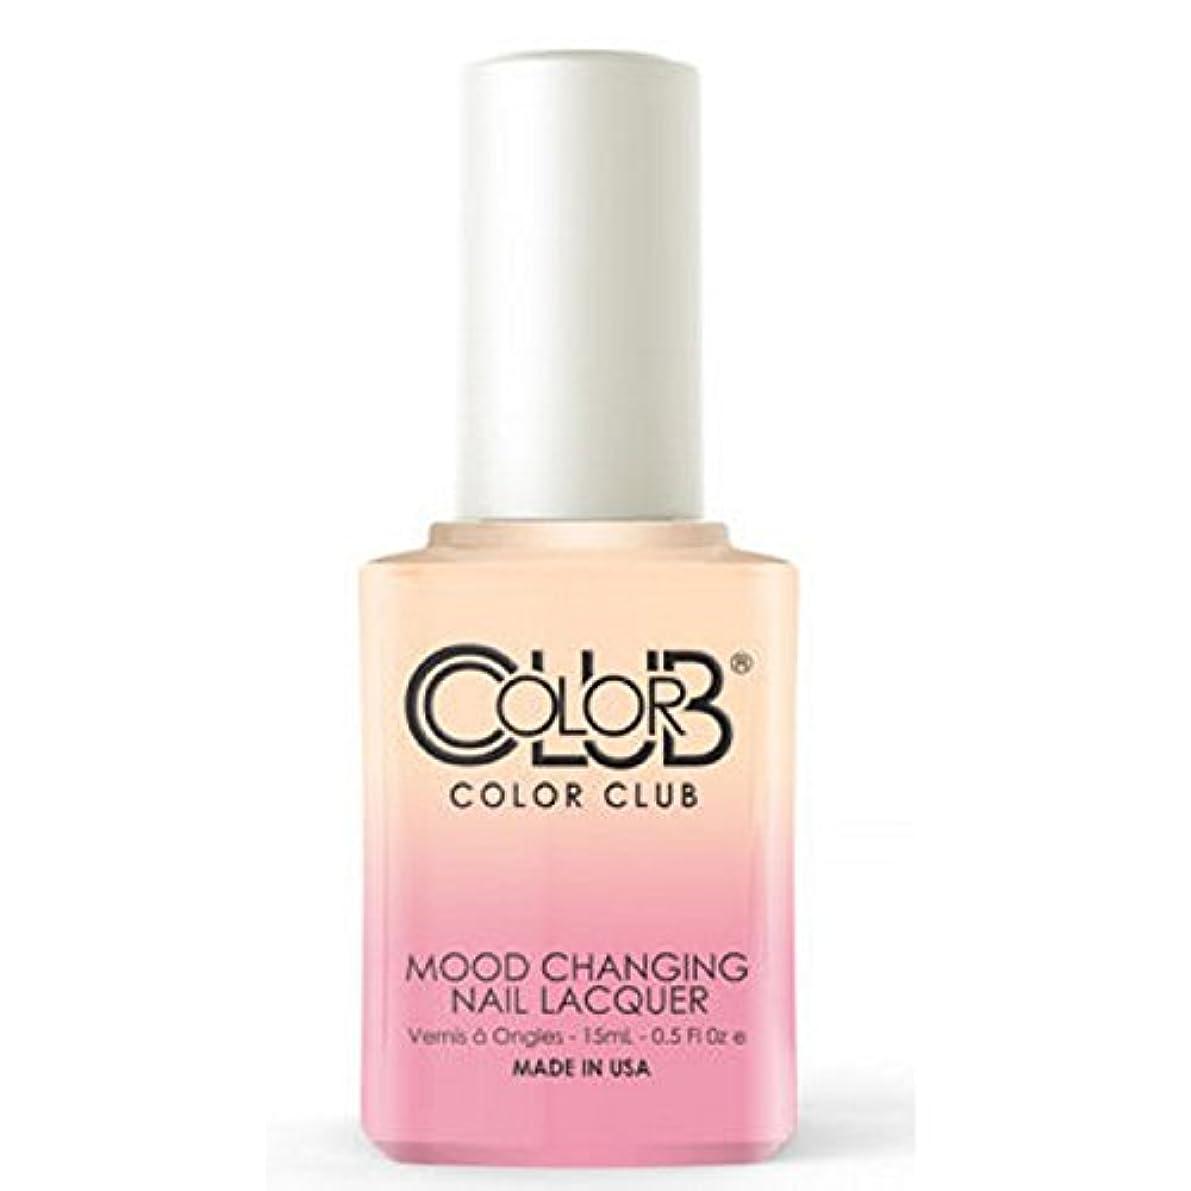 絶望ミニチュア伝記Color Club Mood Changing Nail Lacquer - Old Soul - 15 mL / 0.5 fl oz